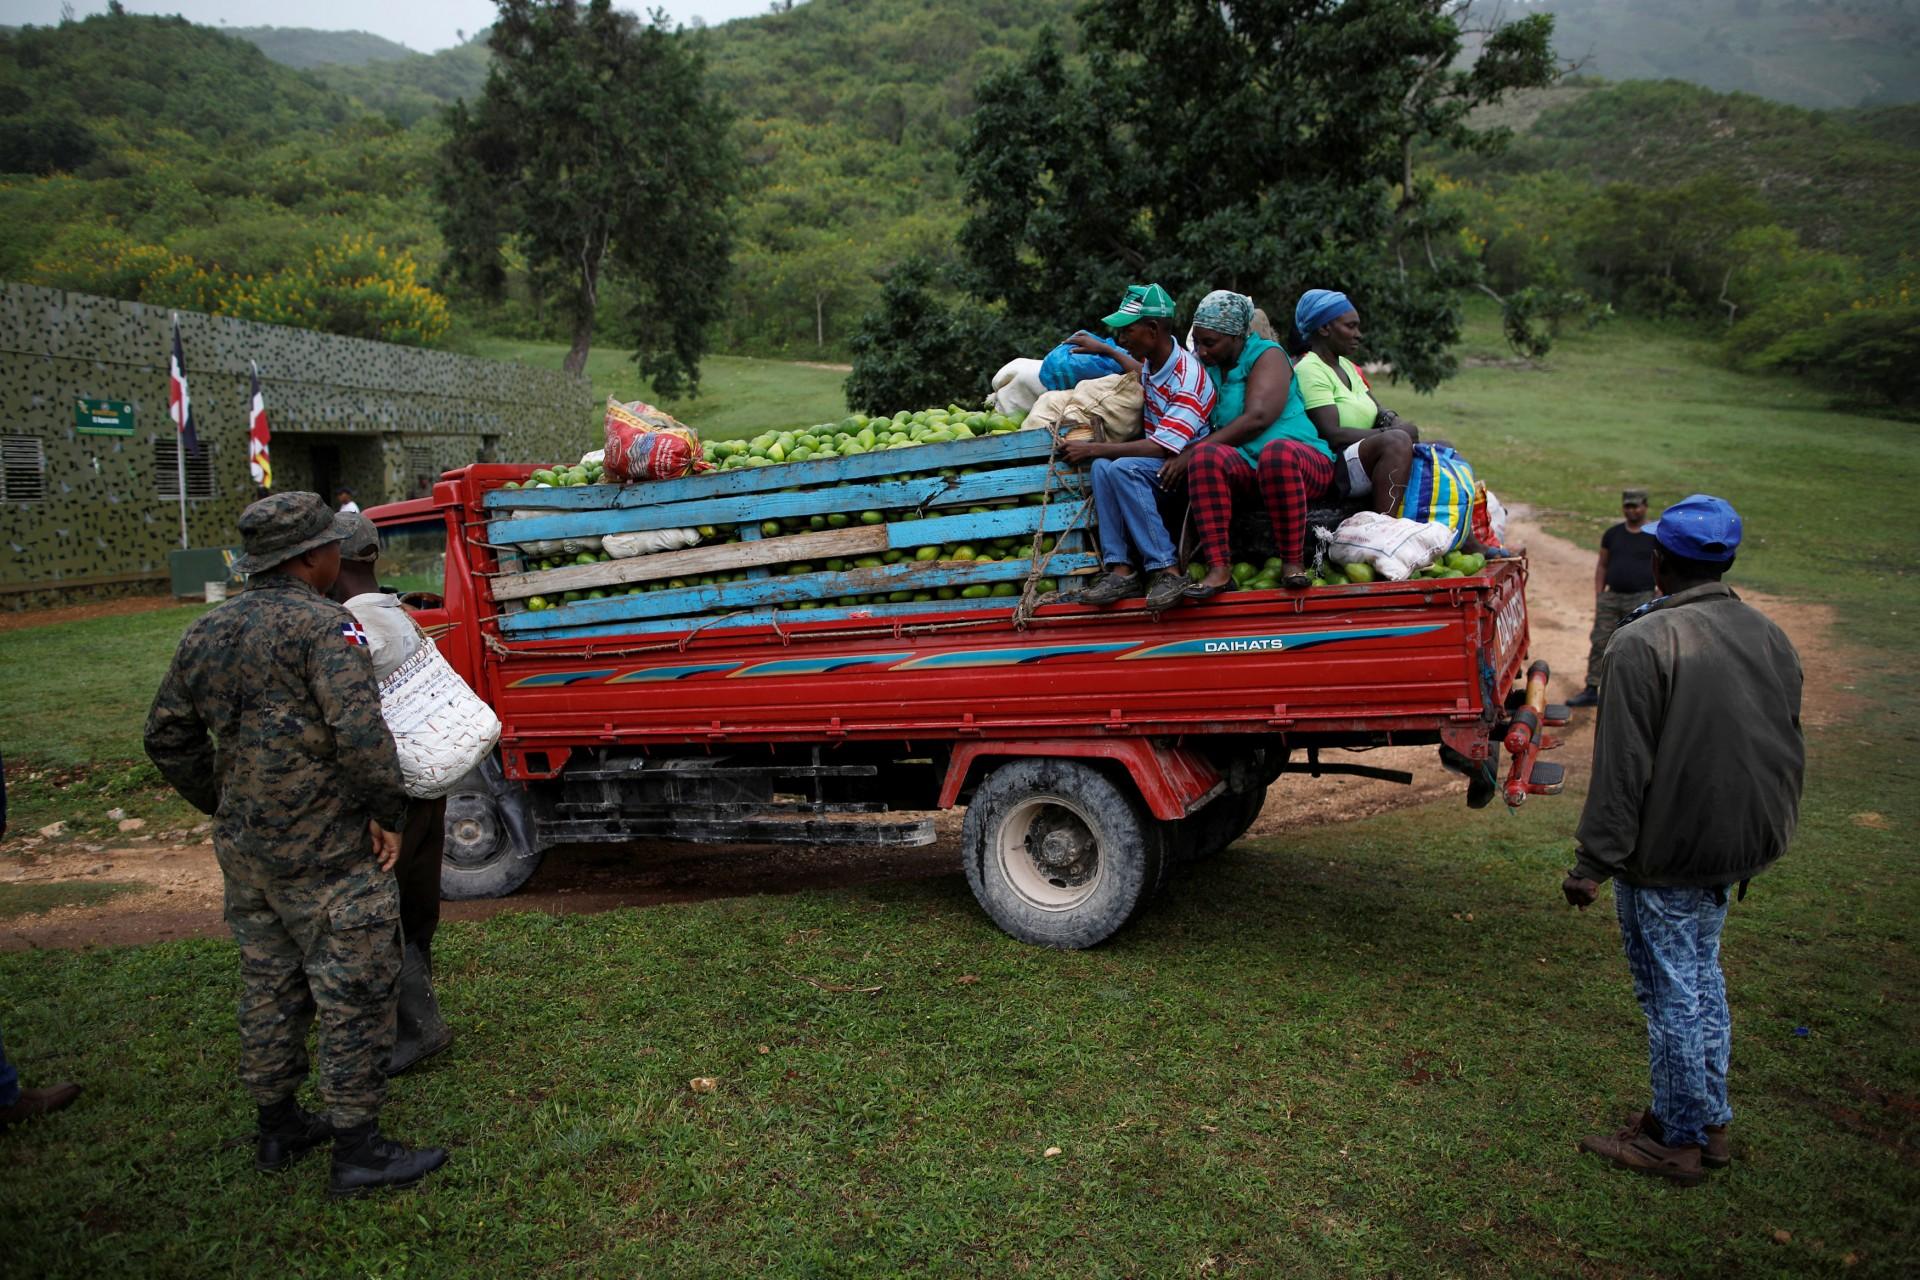 Un miembro de las Fuerzas Armadas Dominicanas mira un camión cargado con aguacates y viajeros en la frontera entre República Dominicana y Haití, en el puesto militar de El Guacate, provincia de Independencia, República Dominicana, 2 de octubre de 2018.